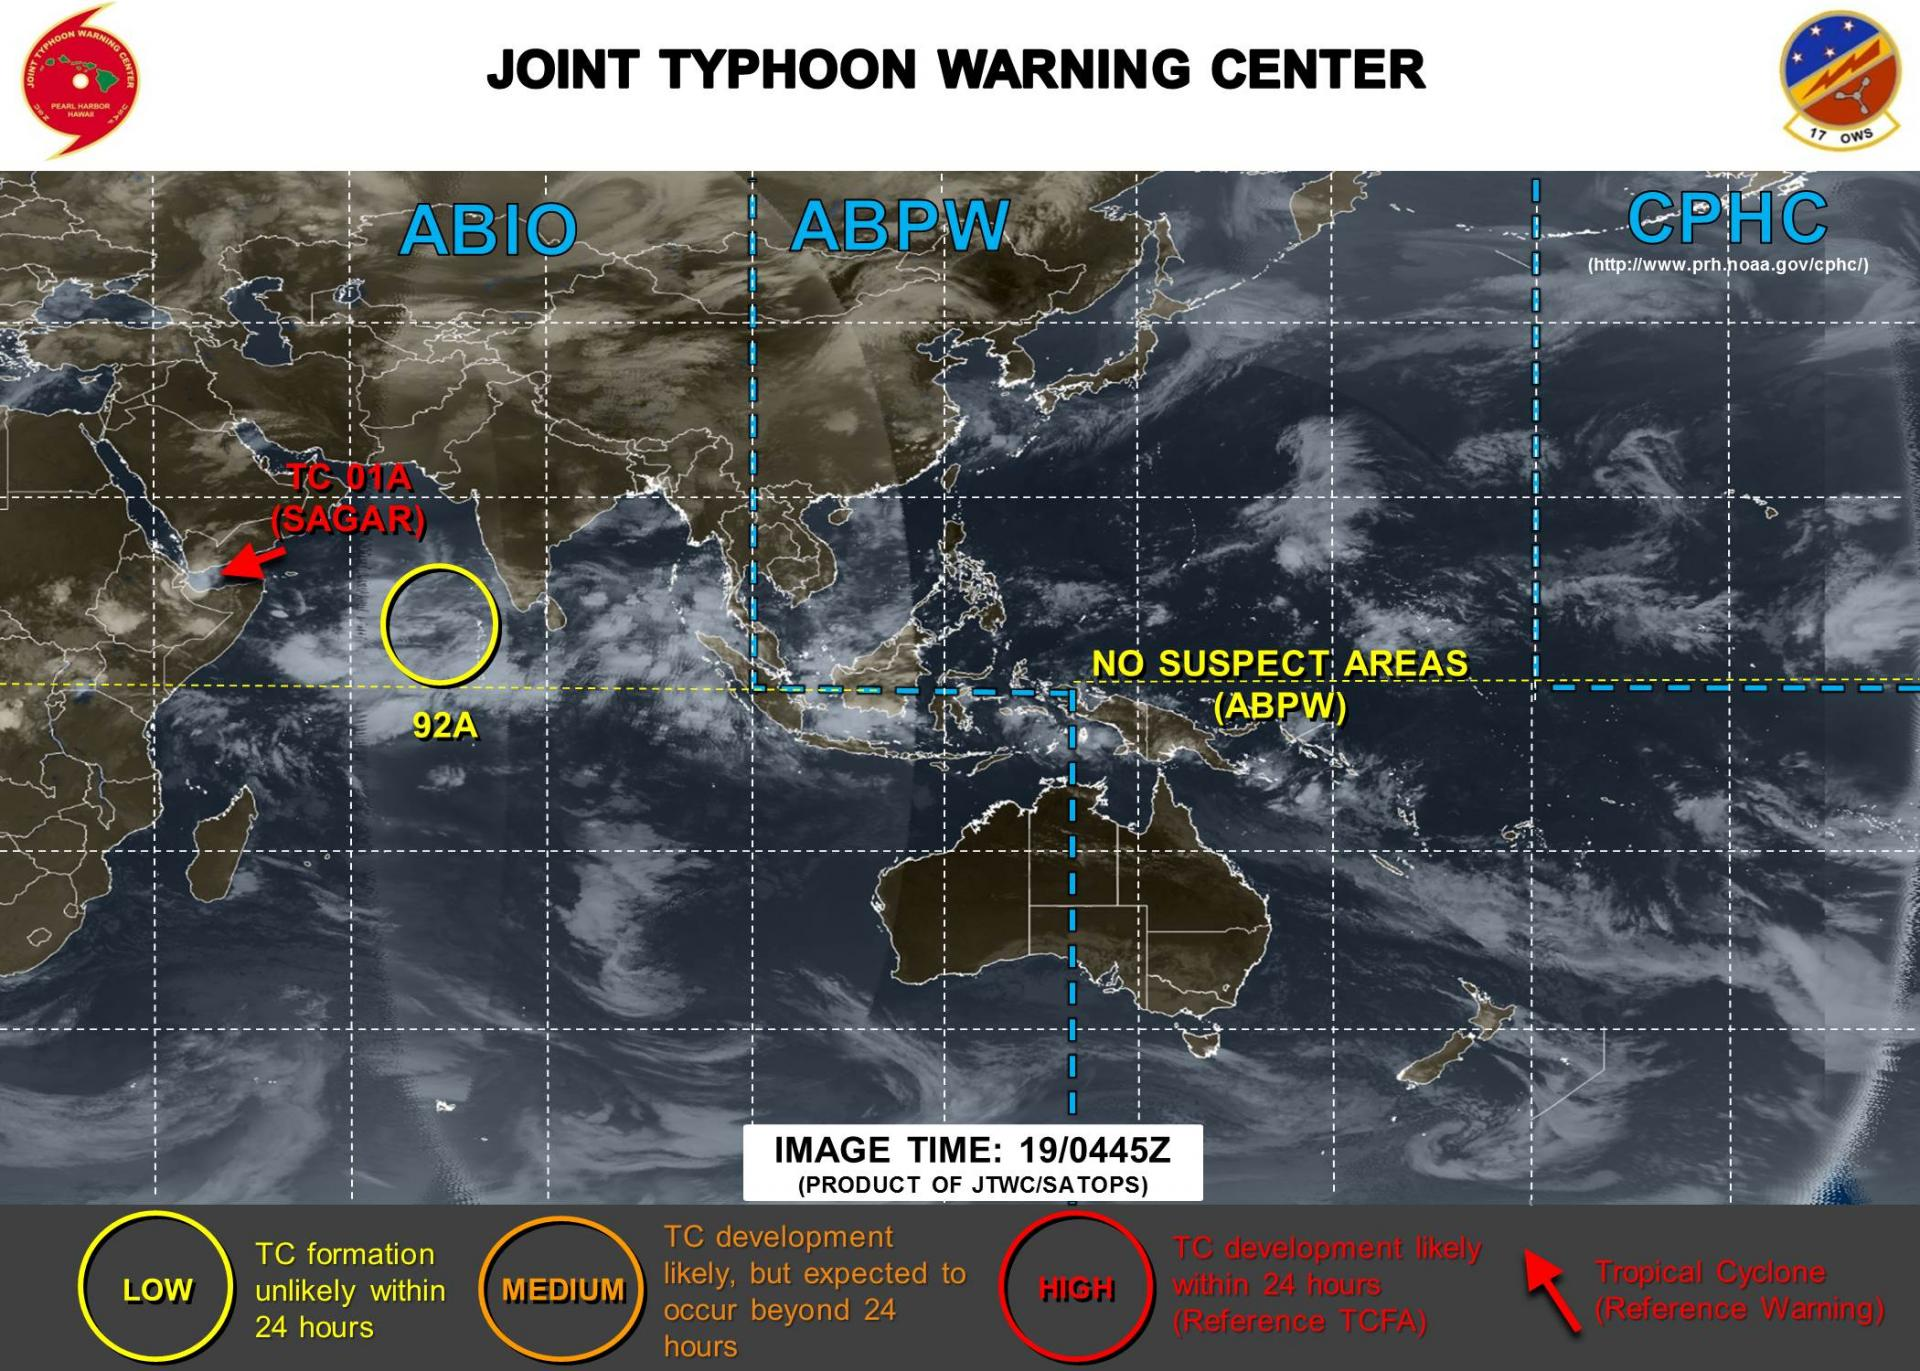 Zone suspecte sous surveillance par la Navy ©JTWC